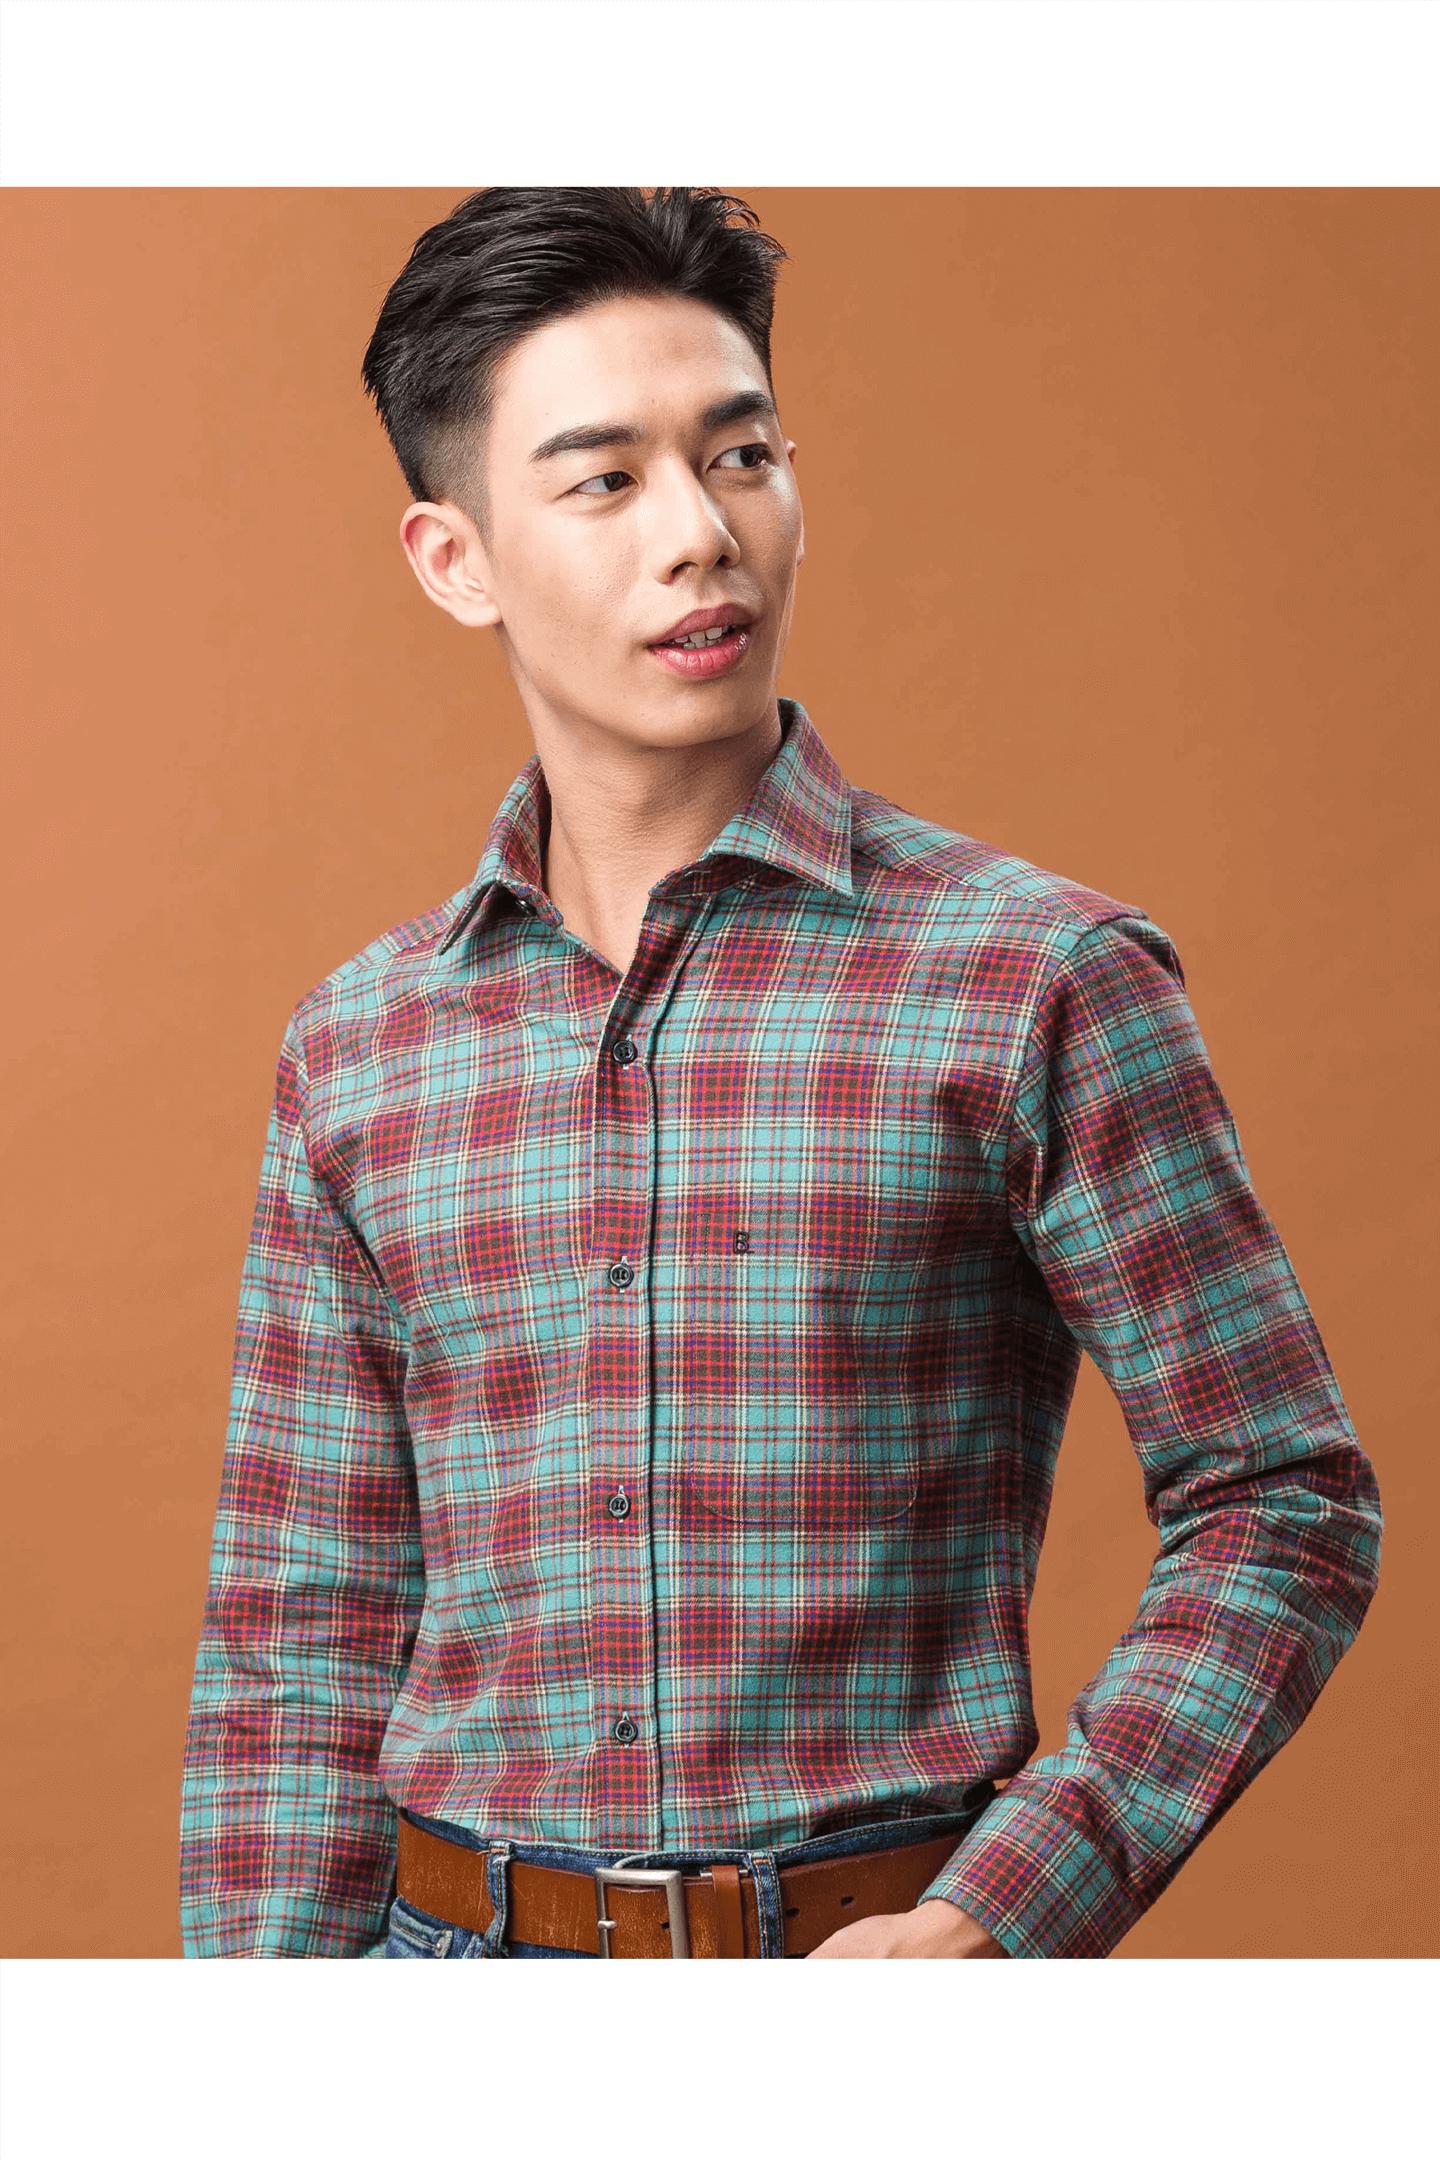 磨毛純棉長袖襯衫(綠紅格)/ 舒適保暖/修身